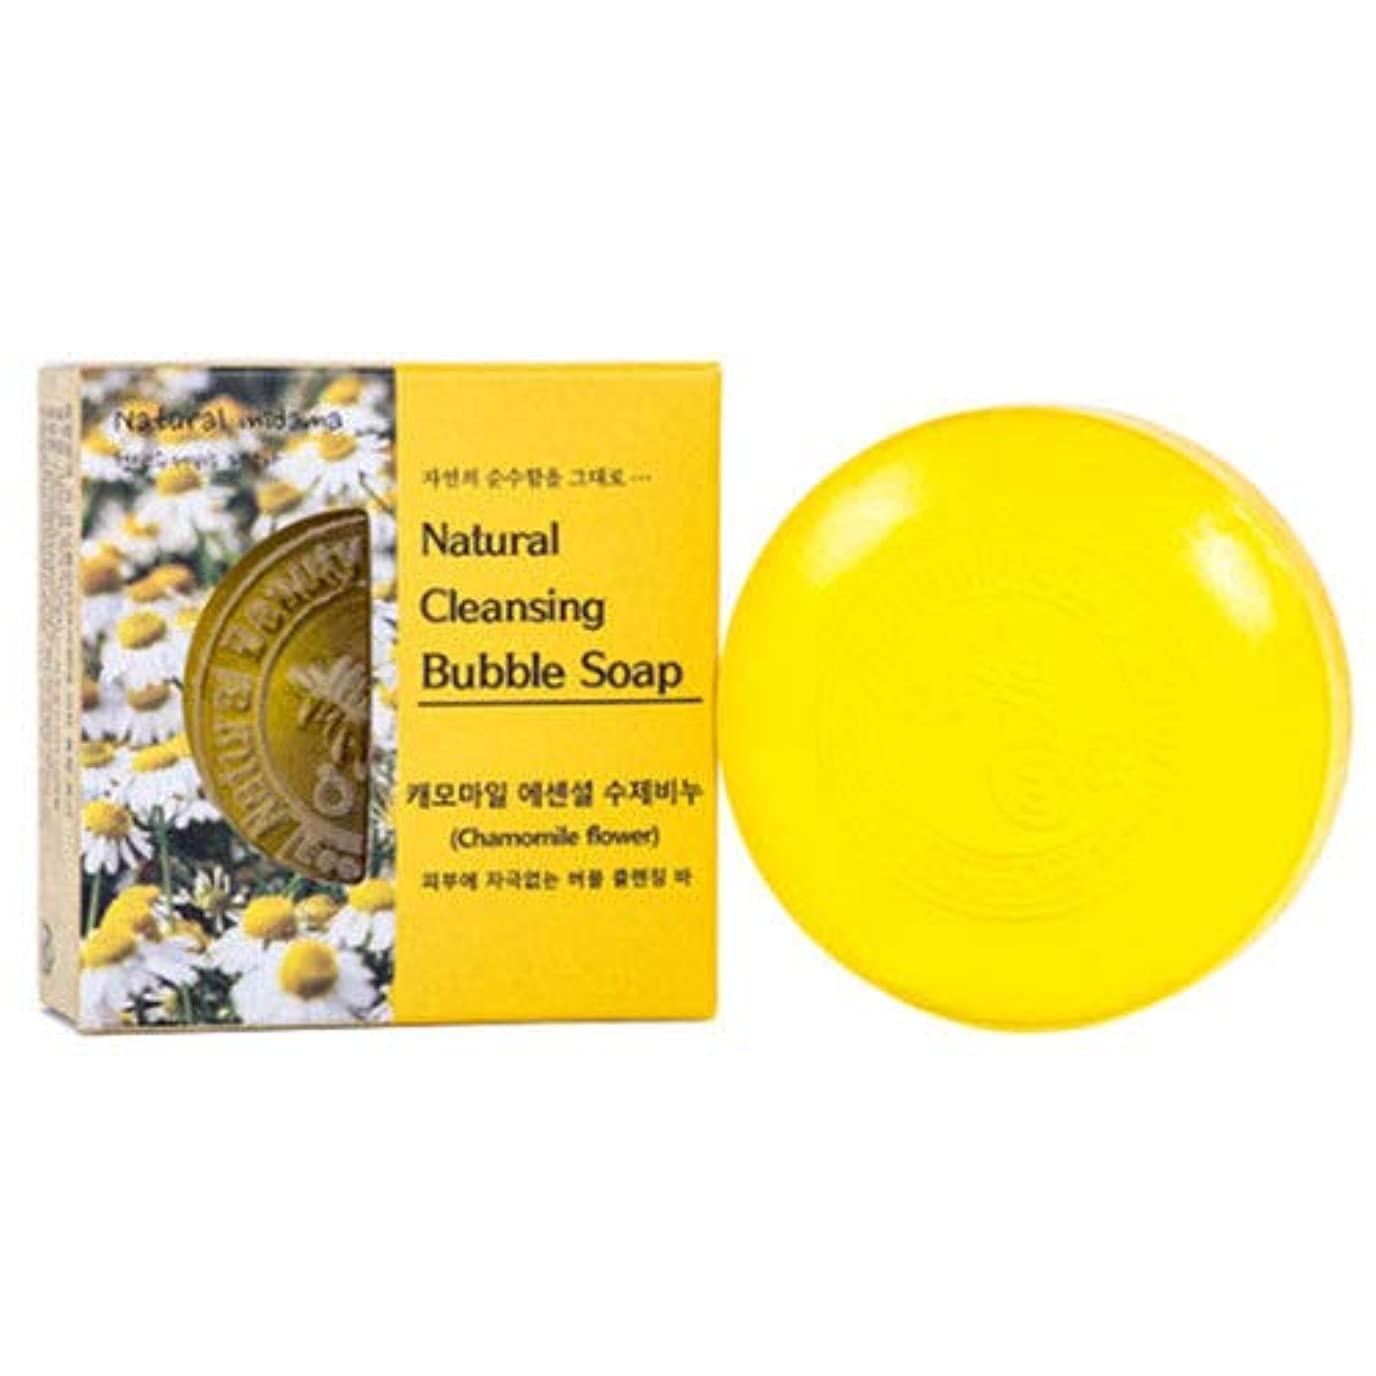 天然 石鹸 ナチュラル バブル クレンジング バー/カモマイル ローズ ラベンダー せっけん Herb Oil Skin Soap 100g [並行輸入品] (カモマイル)